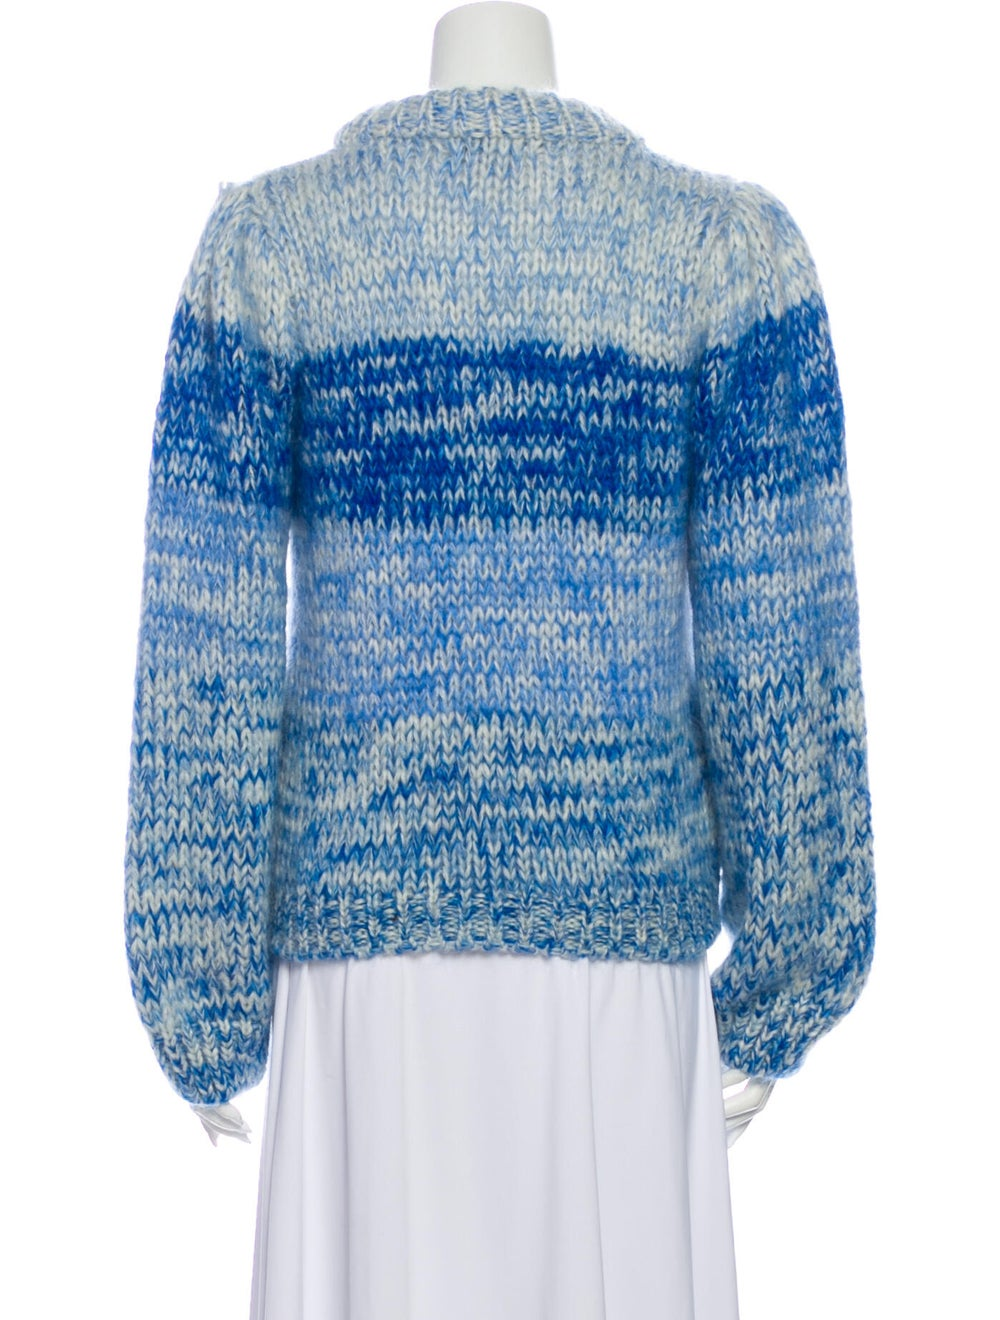 Ganni Wool Striped Sweater Wool - image 3